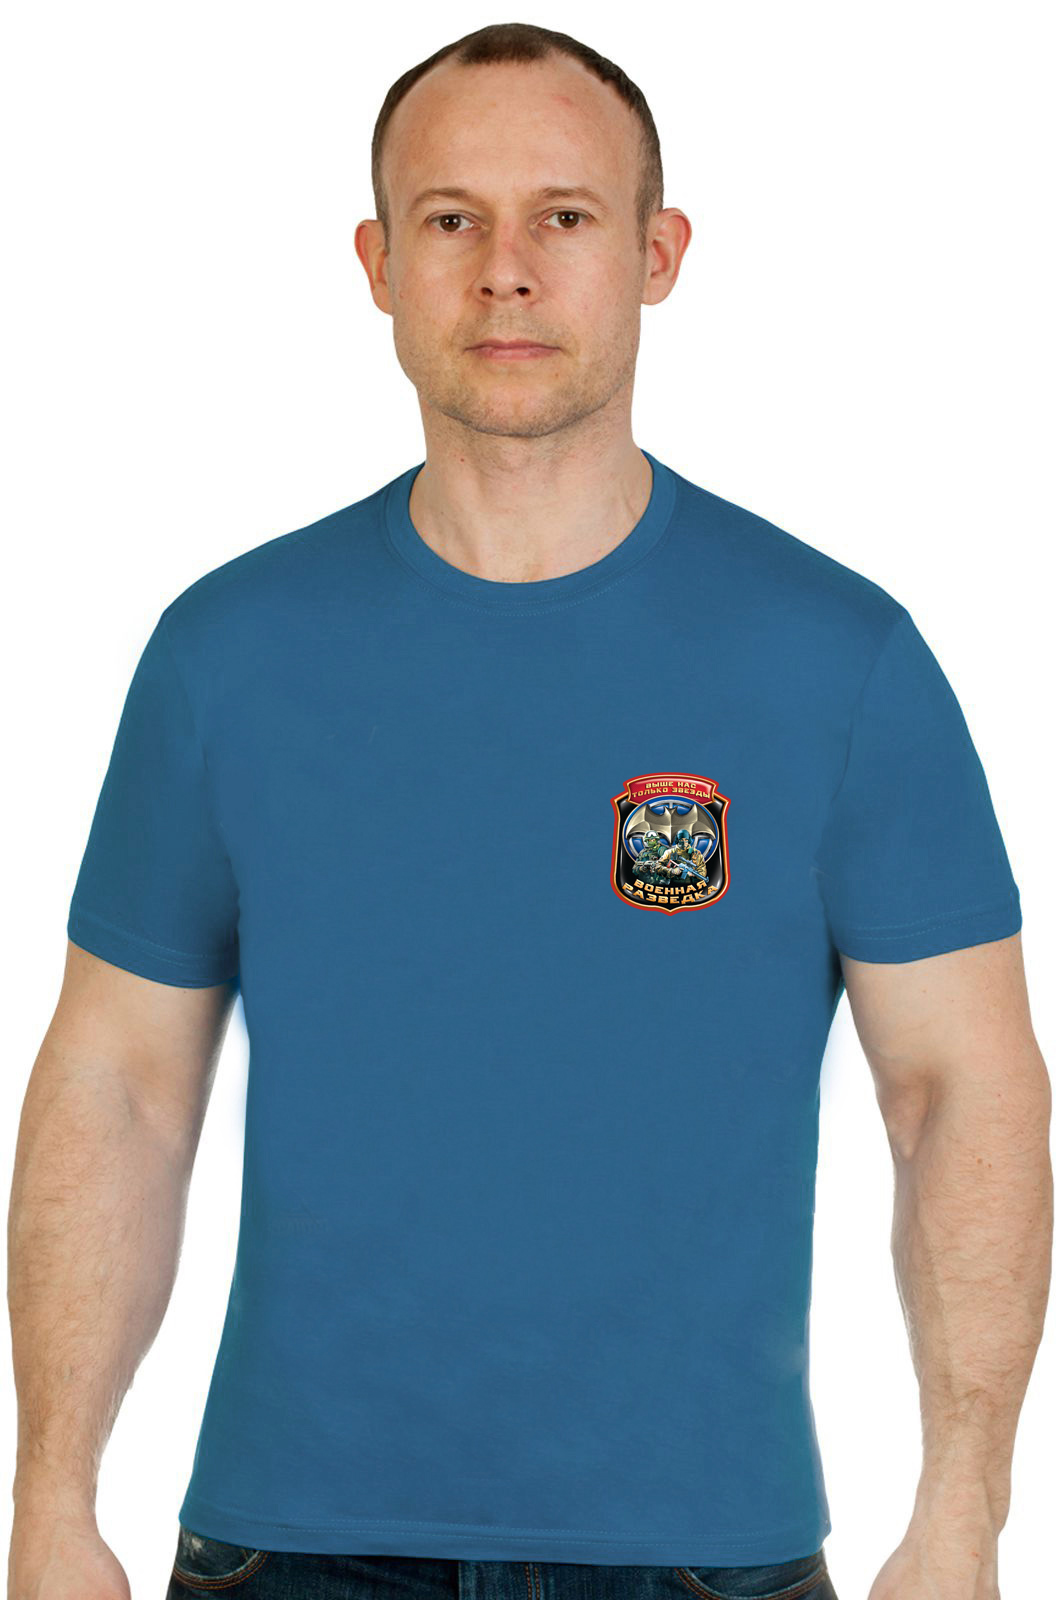 Купить футболку военную для разведчика по лучшей цене